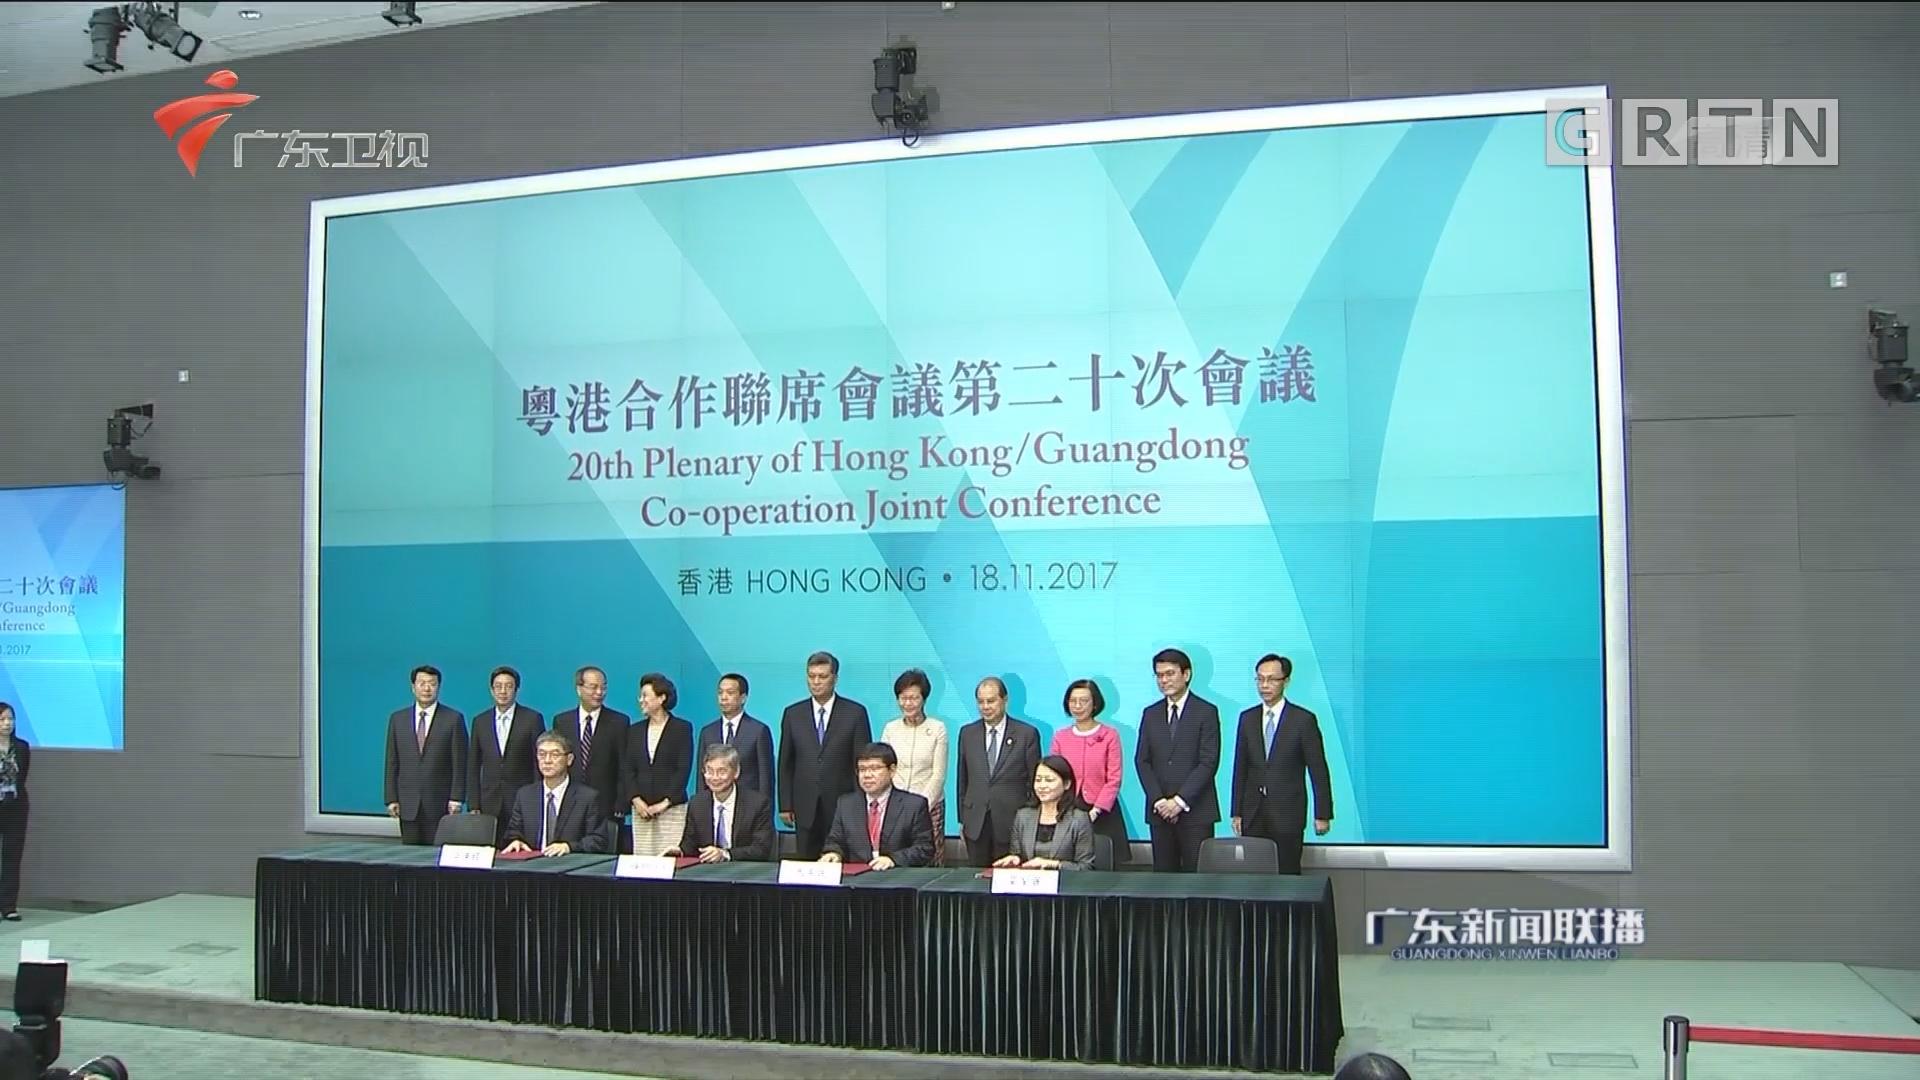 粤港合作联席会议第二十次会议在香港召开 马兴瑞 林郑月娥出席会议并作讲话